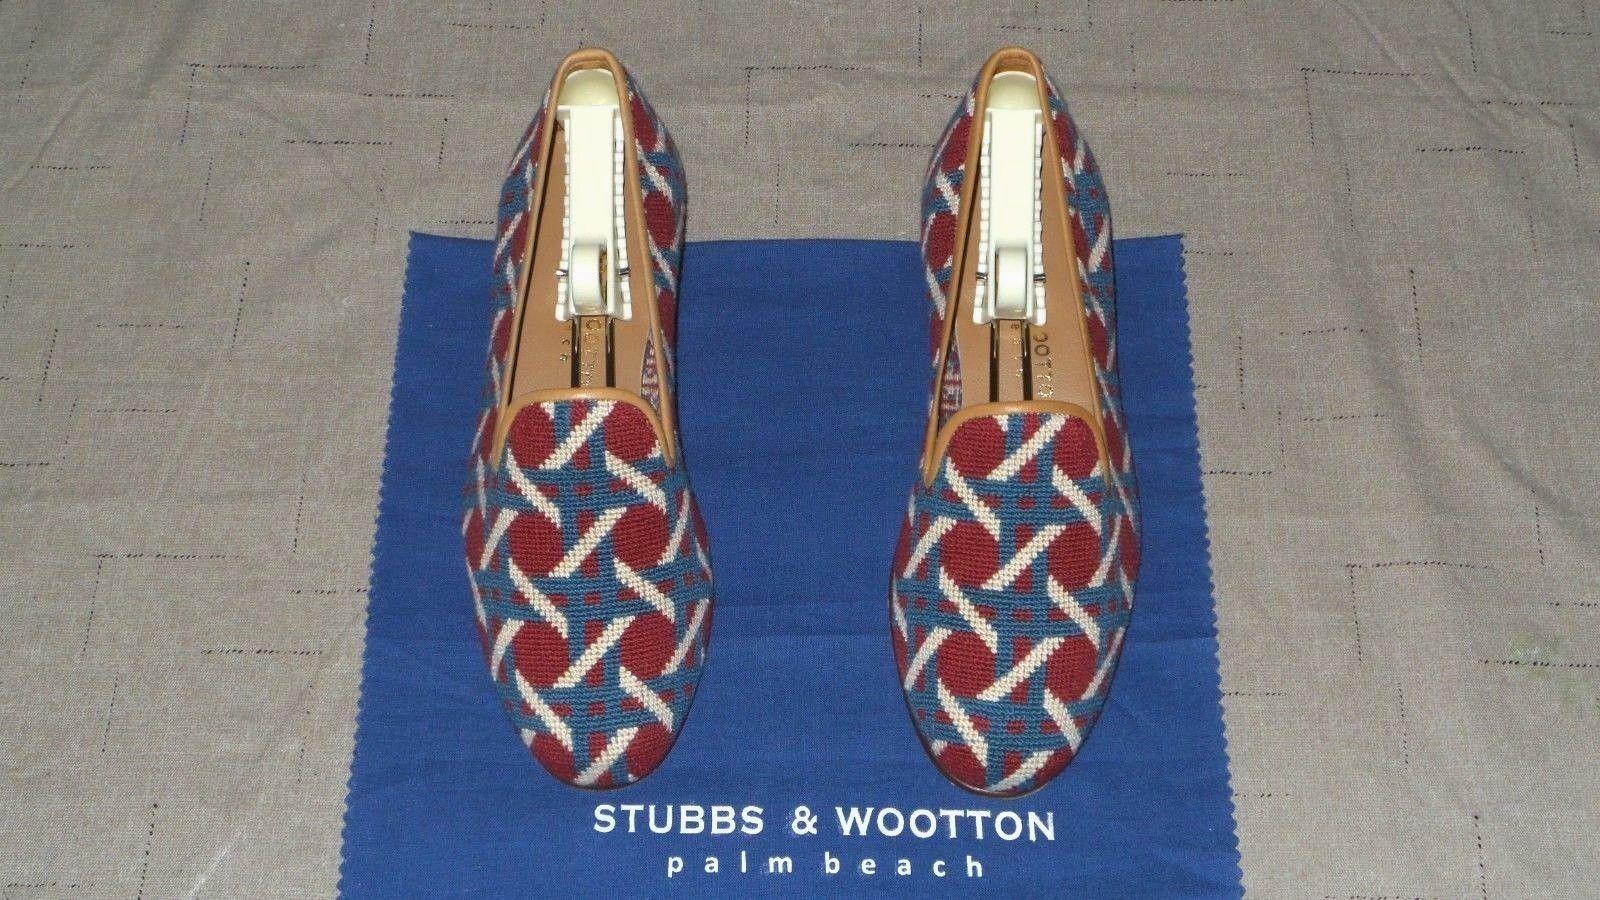 Lindo Mujer Bordado Stubbs and wootton Bordado Mujer caa Zapatillas Mocasines Zapatos 894aff